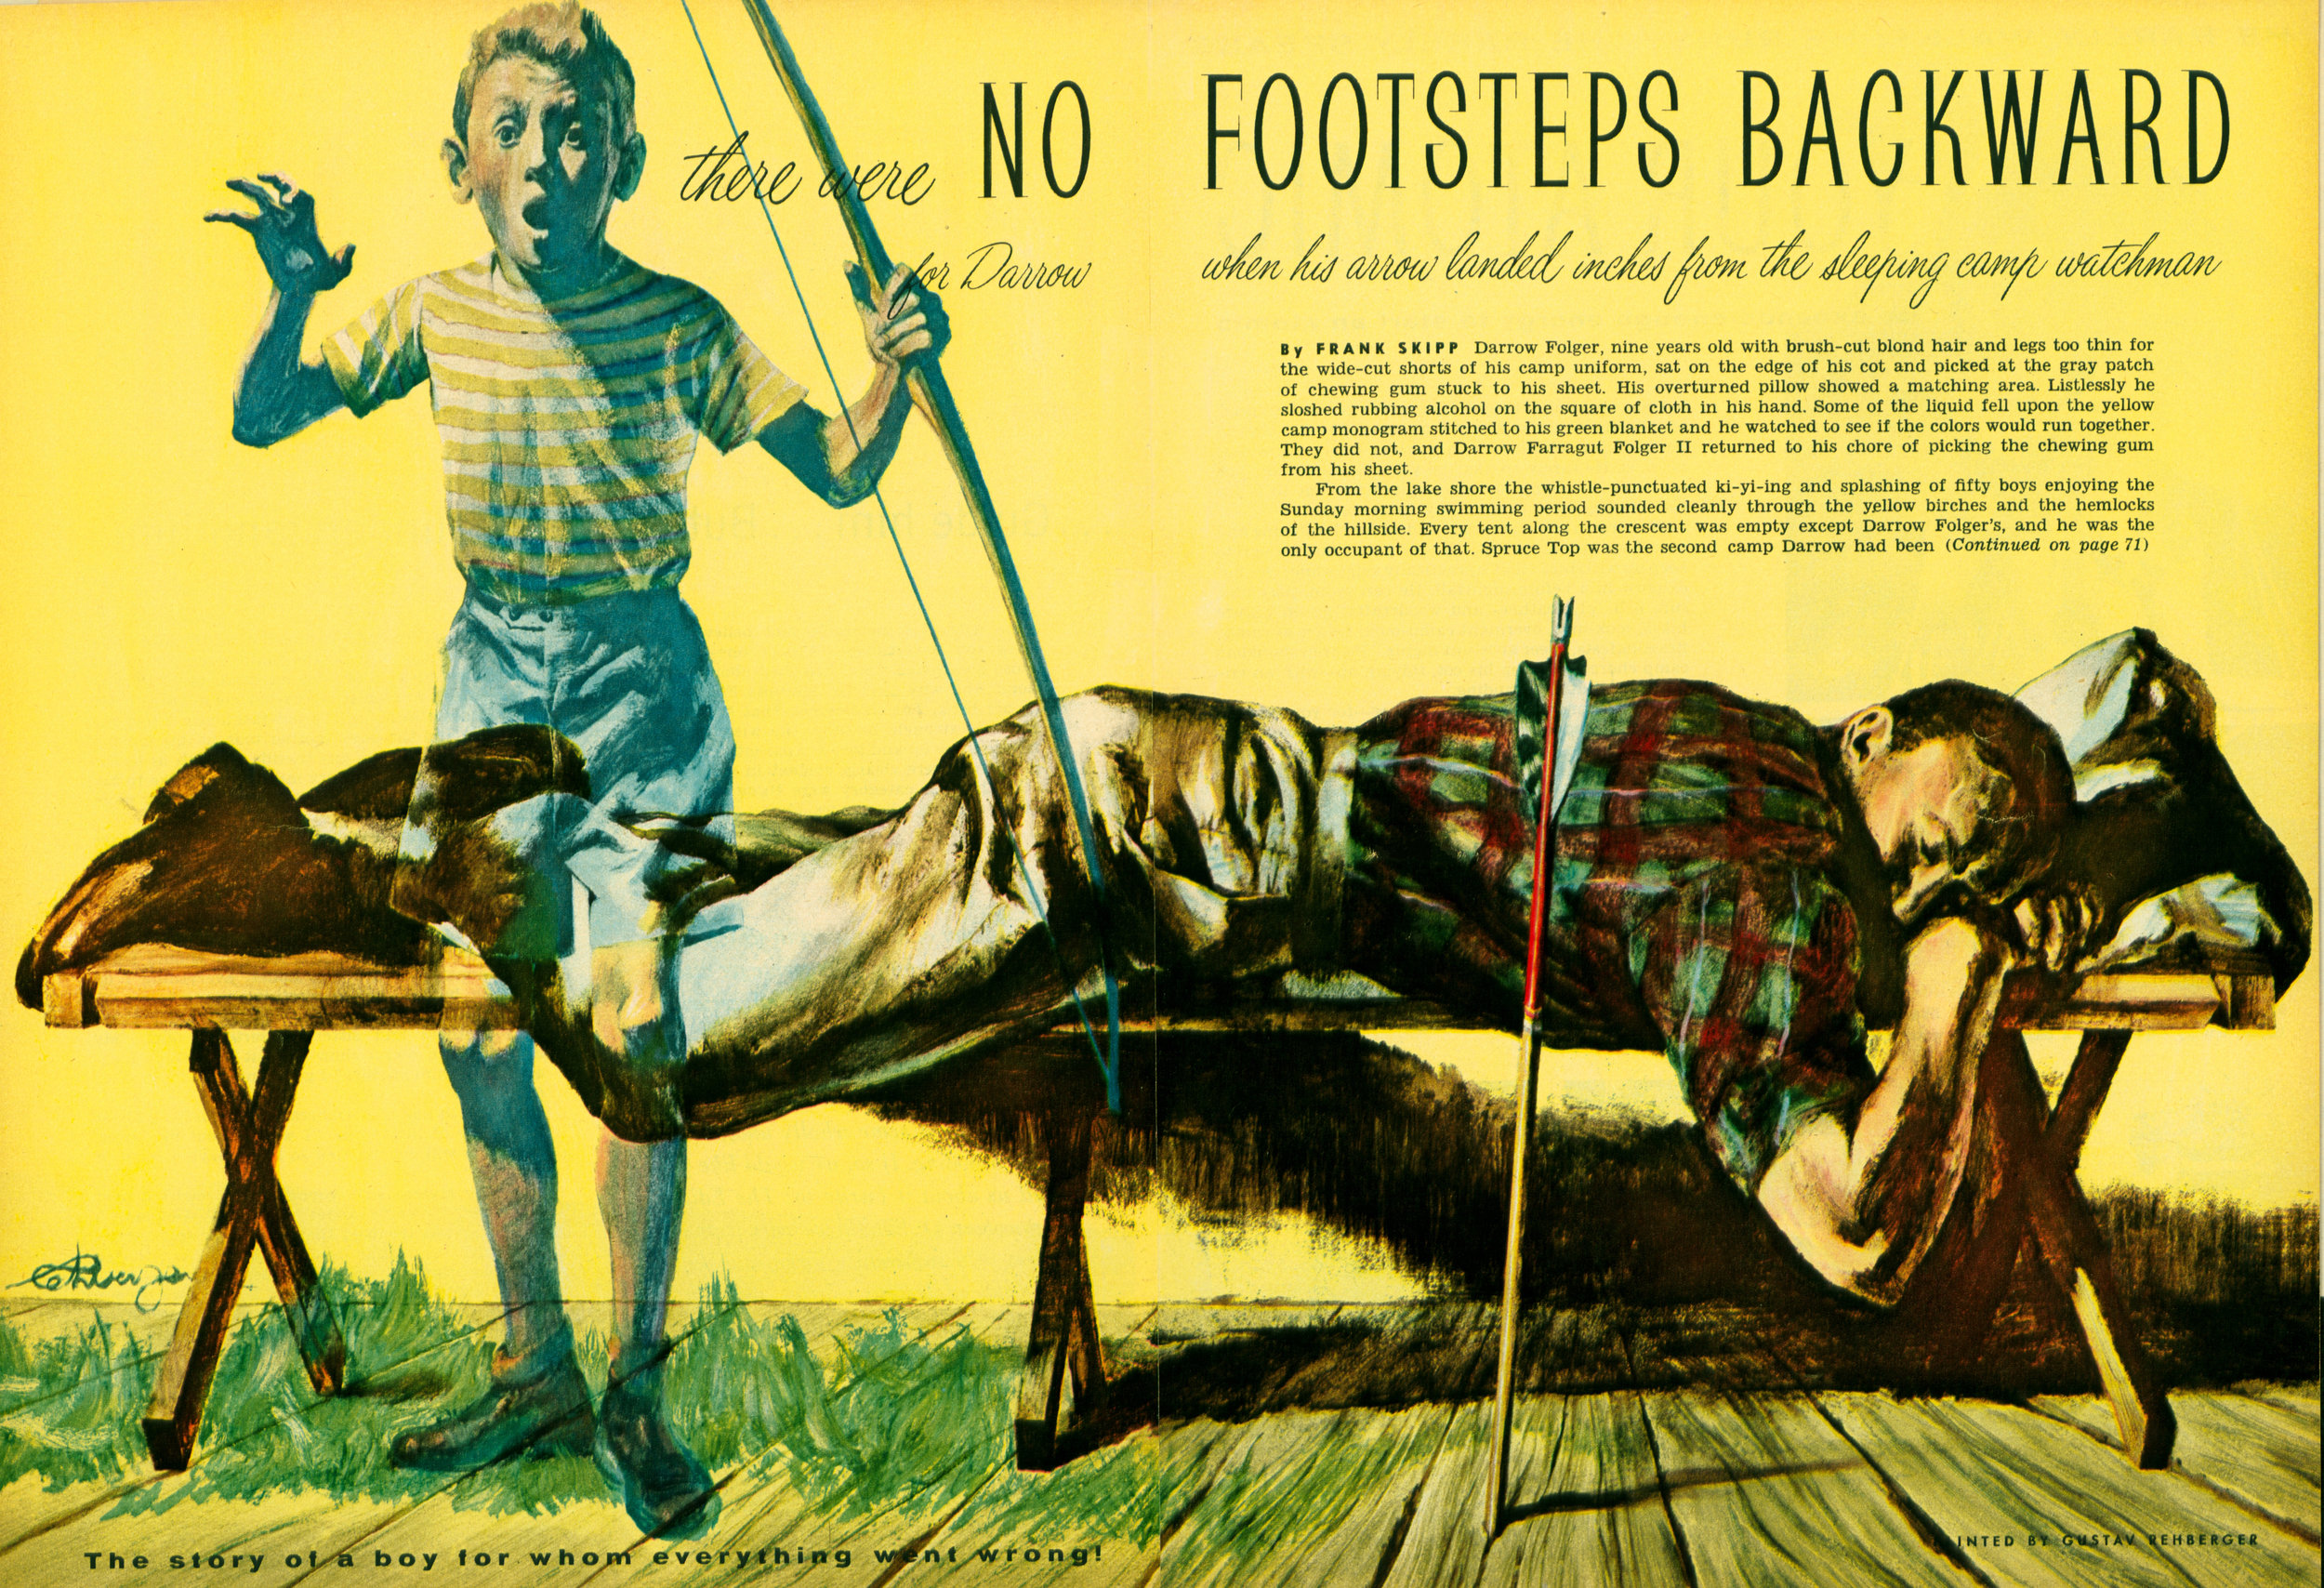 July 1955 - No Footsteps Backward